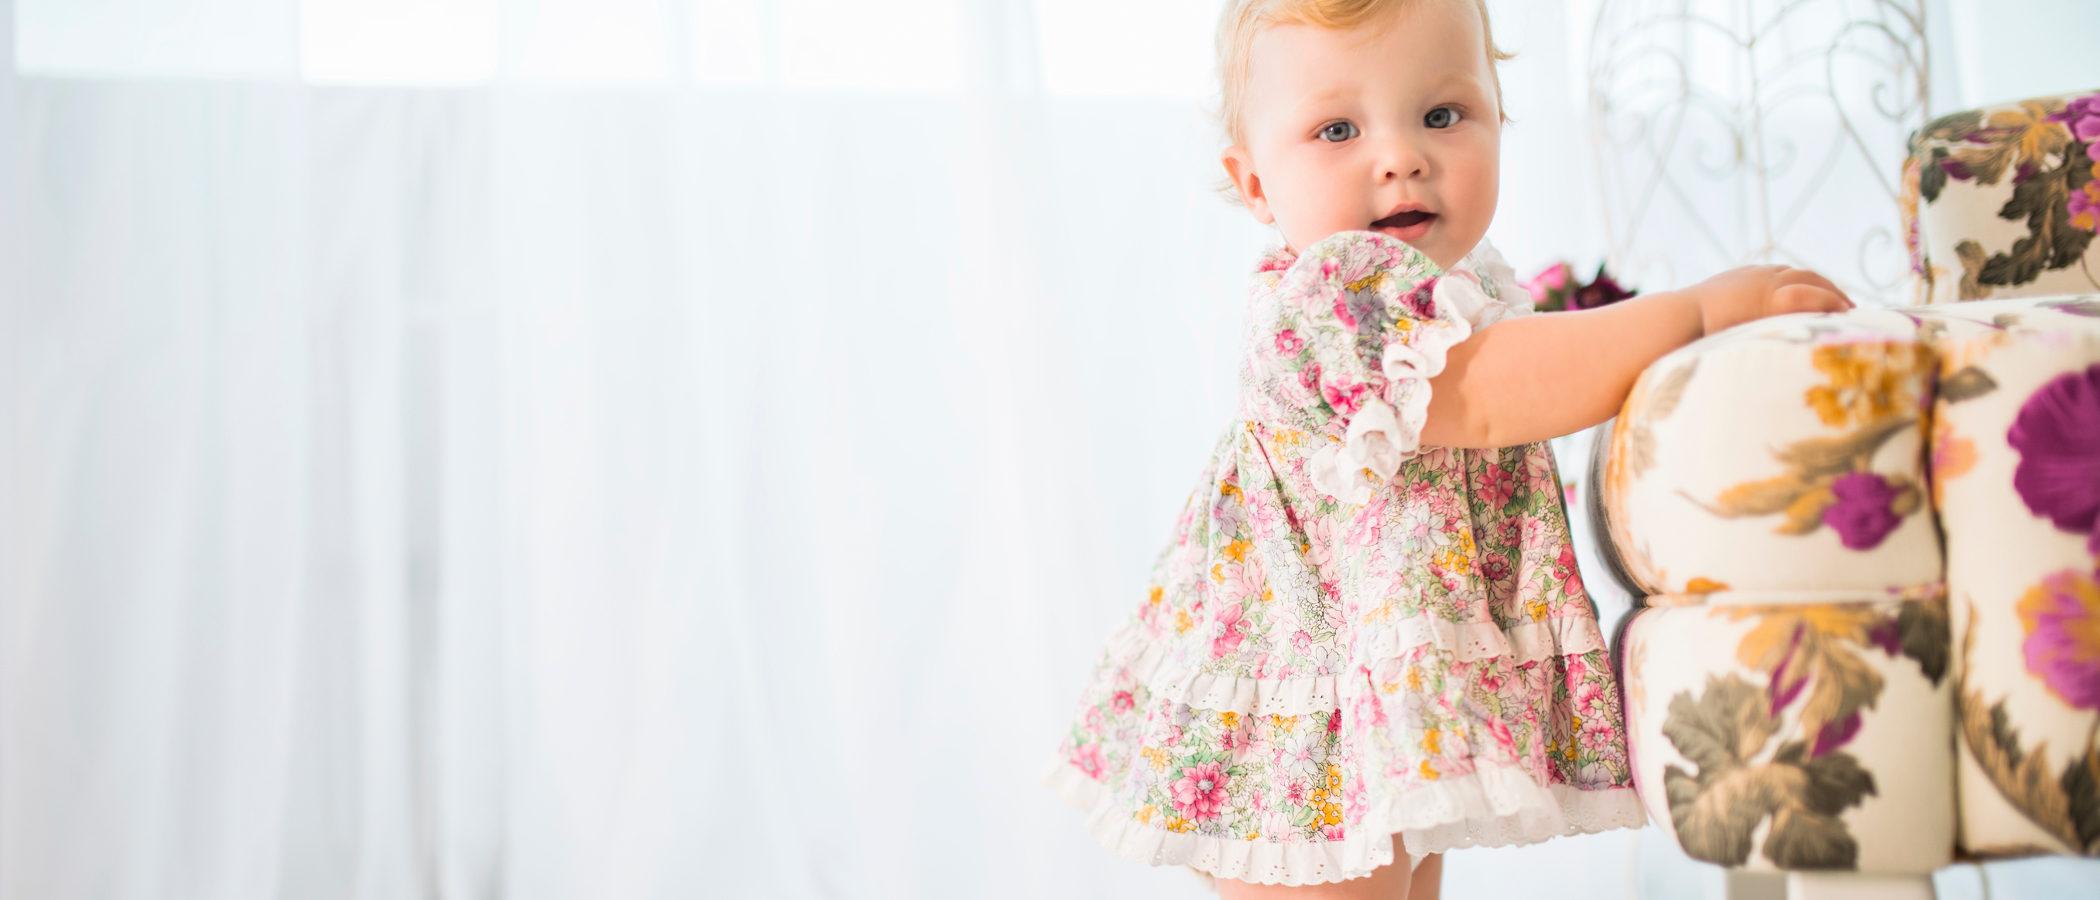 El andador y el bebé, ¿mejor aprender con o sin él?